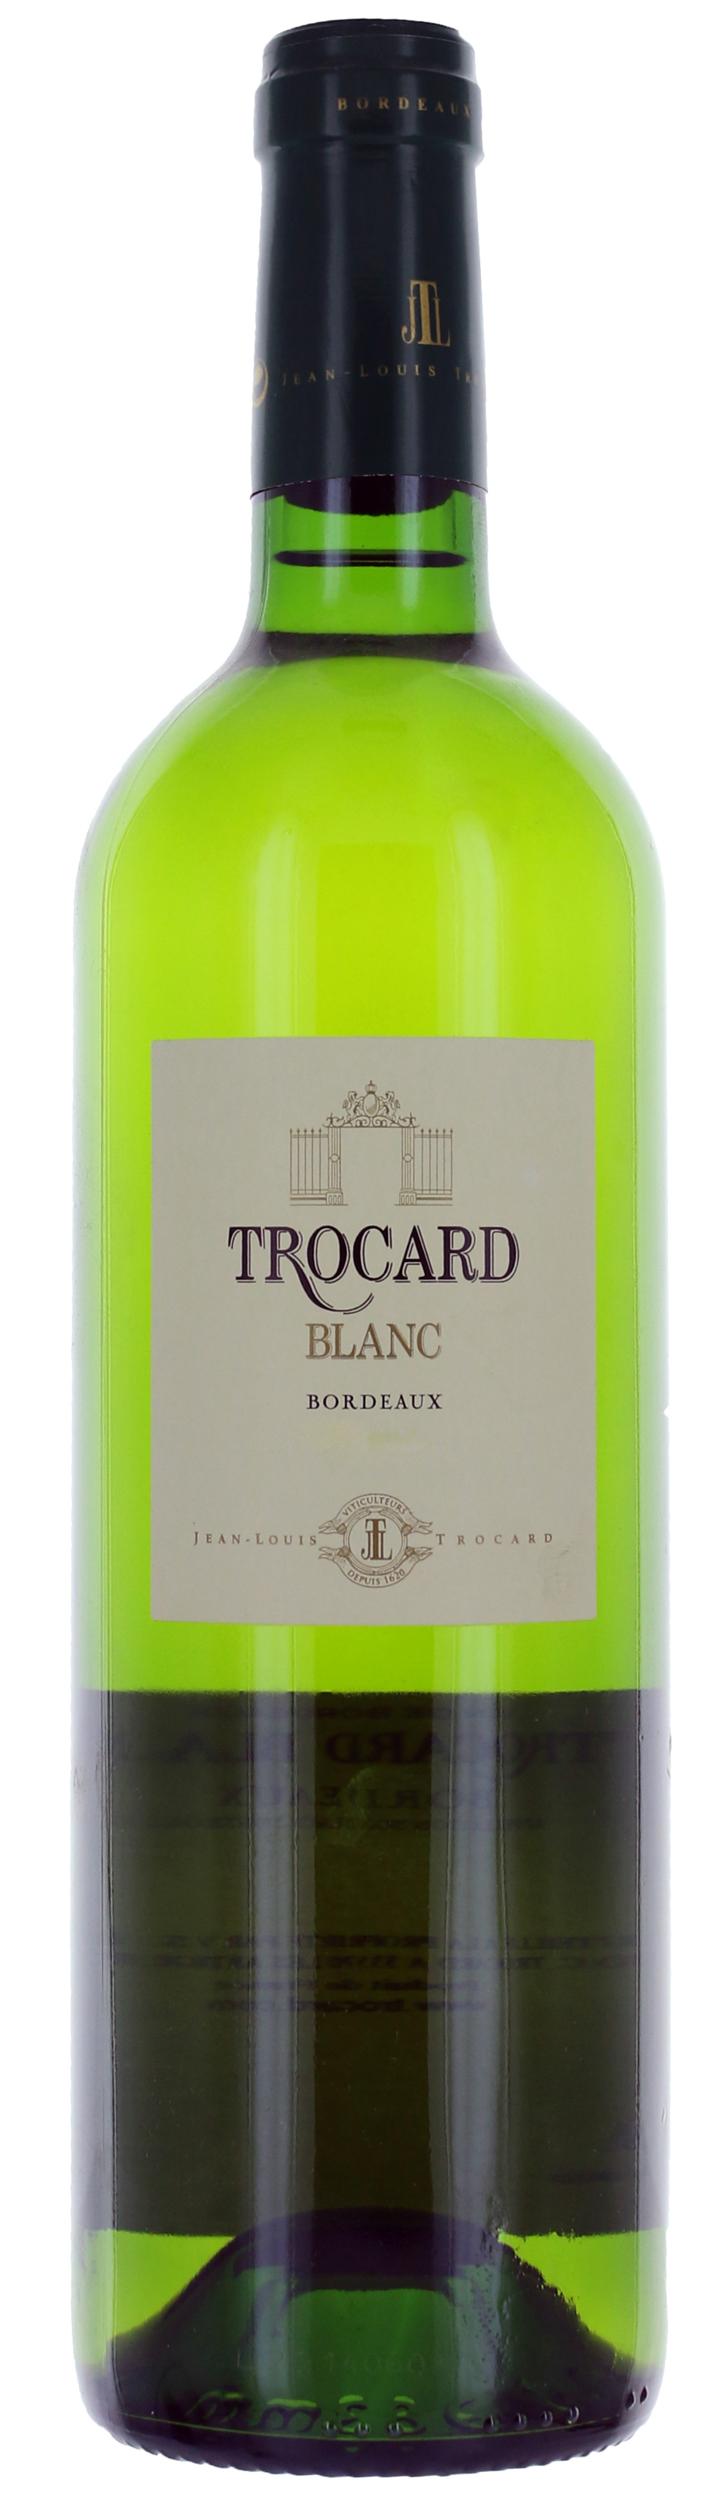 Trocard Blanc - Jean-Louis Trocard - 2018